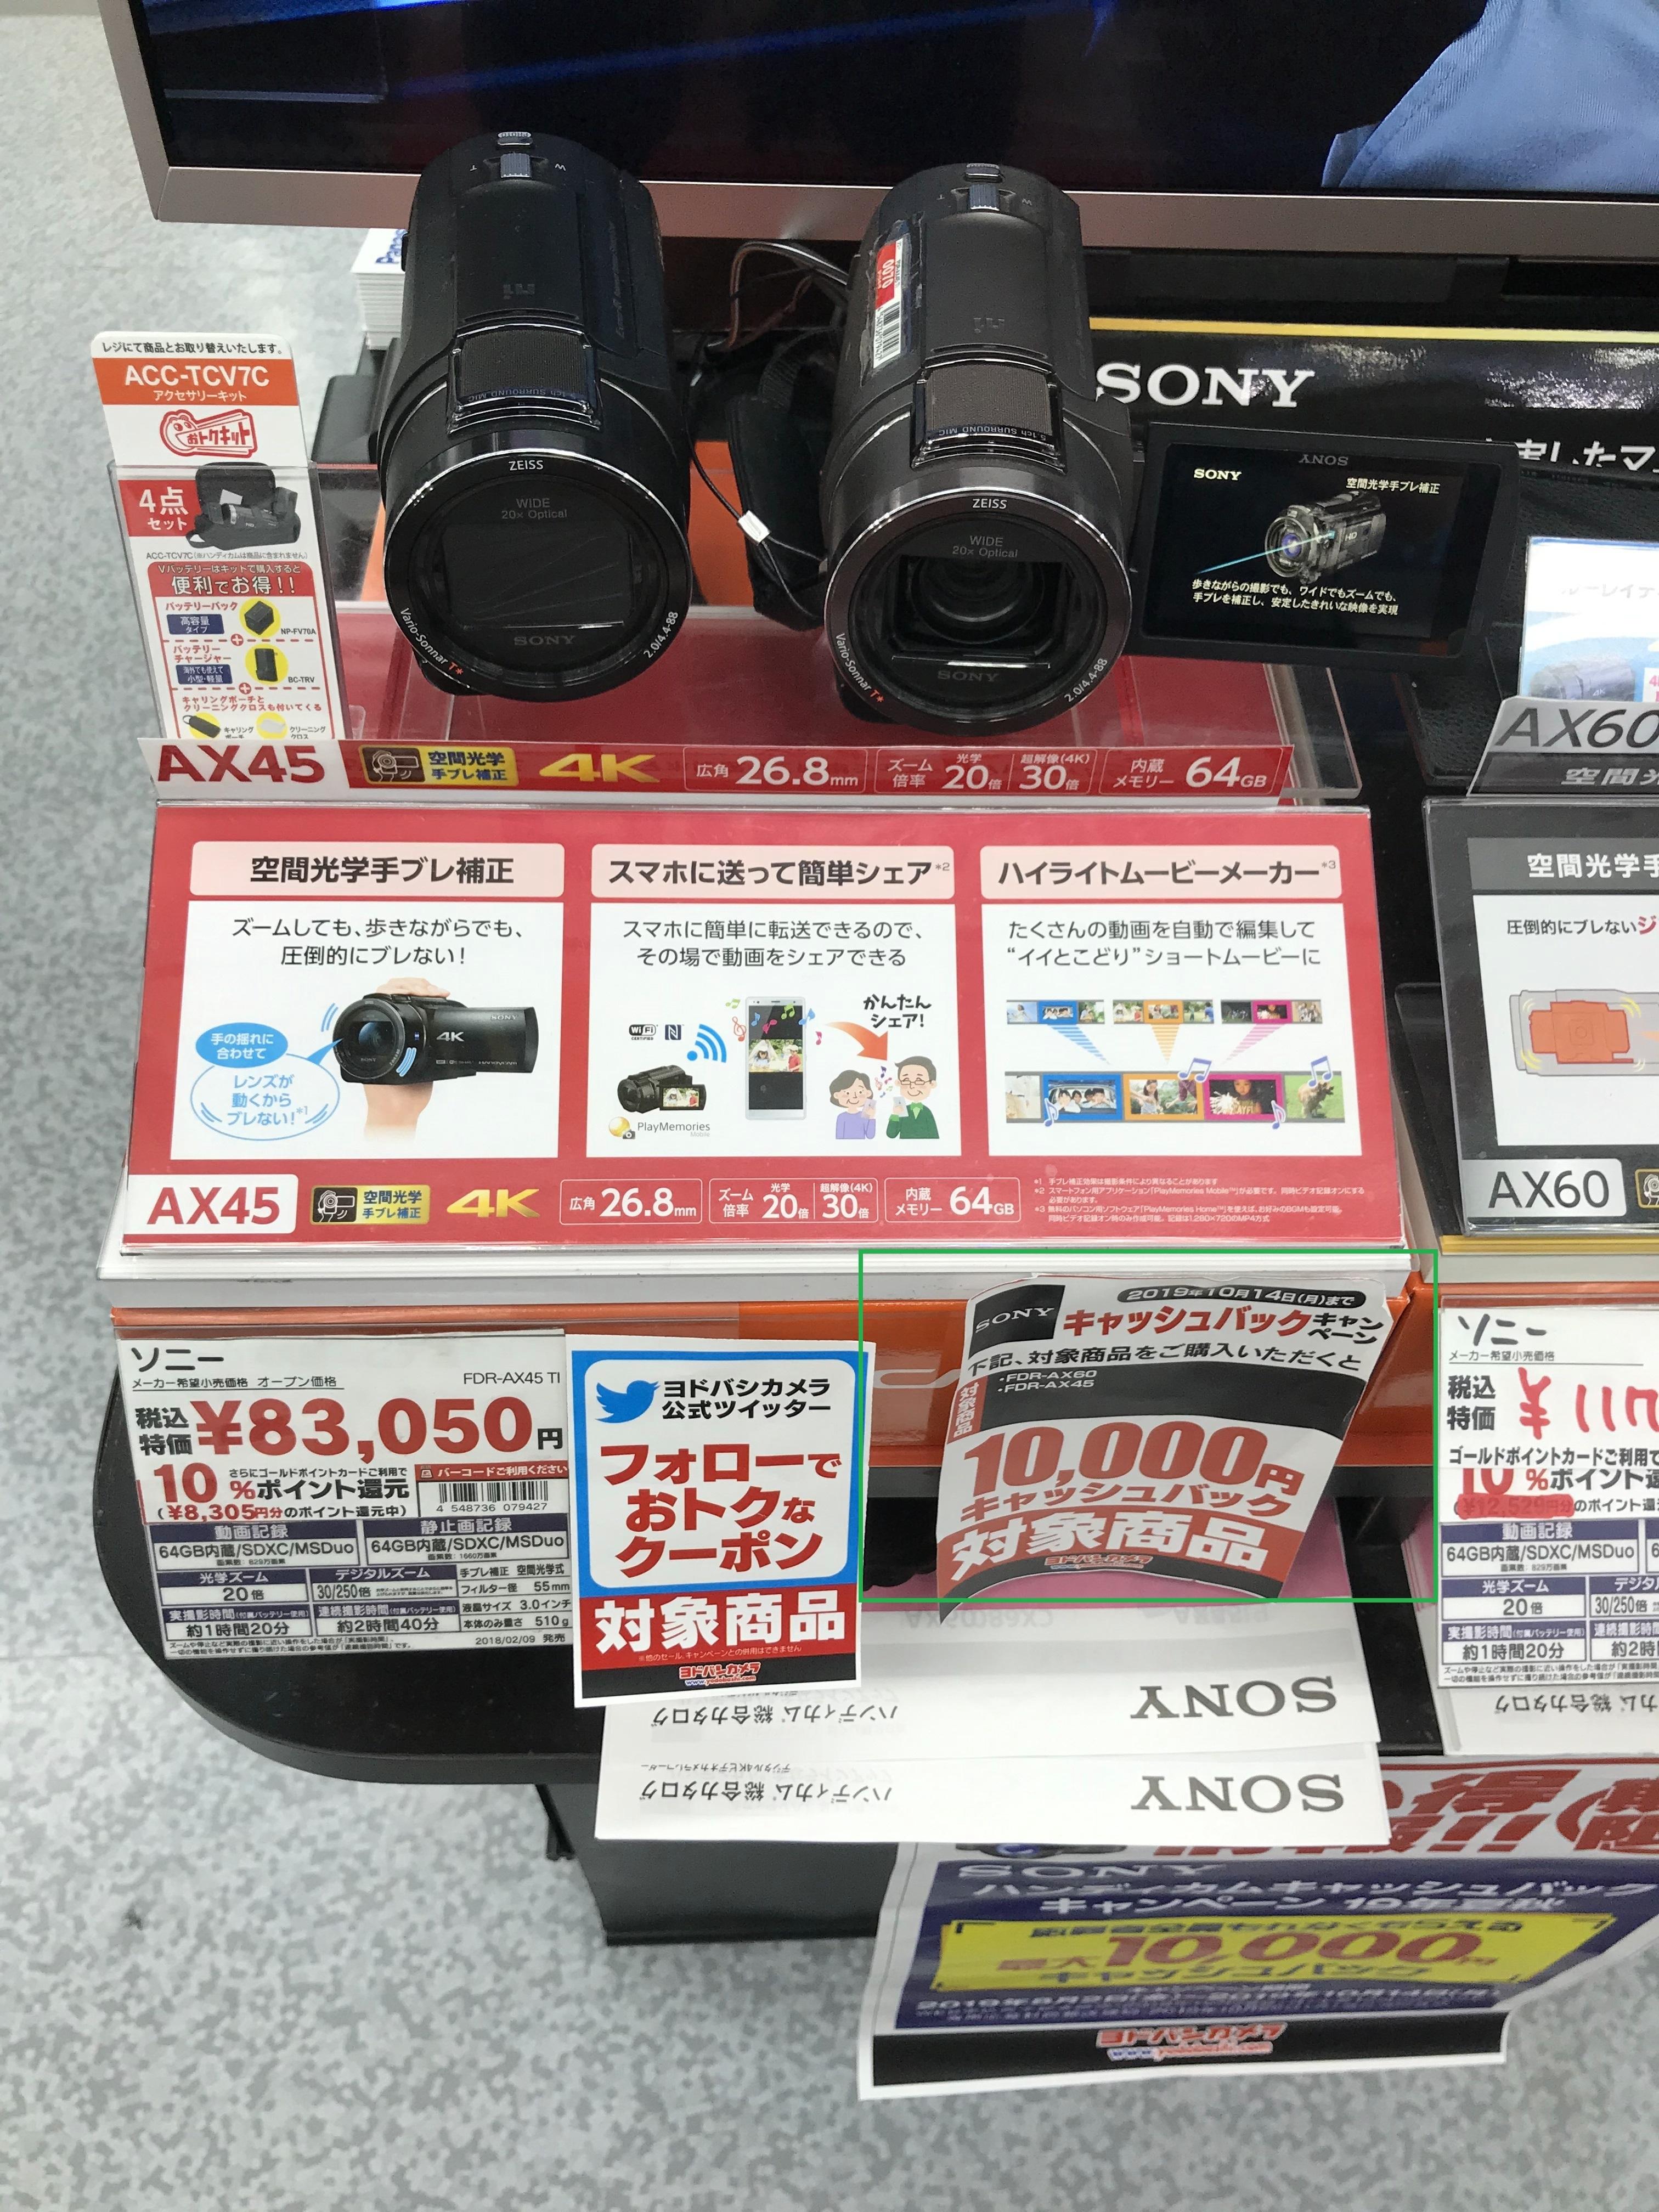 4Kビデオカメラ SONY「FDR-AX45」をお得にヨドバシで購入する方法